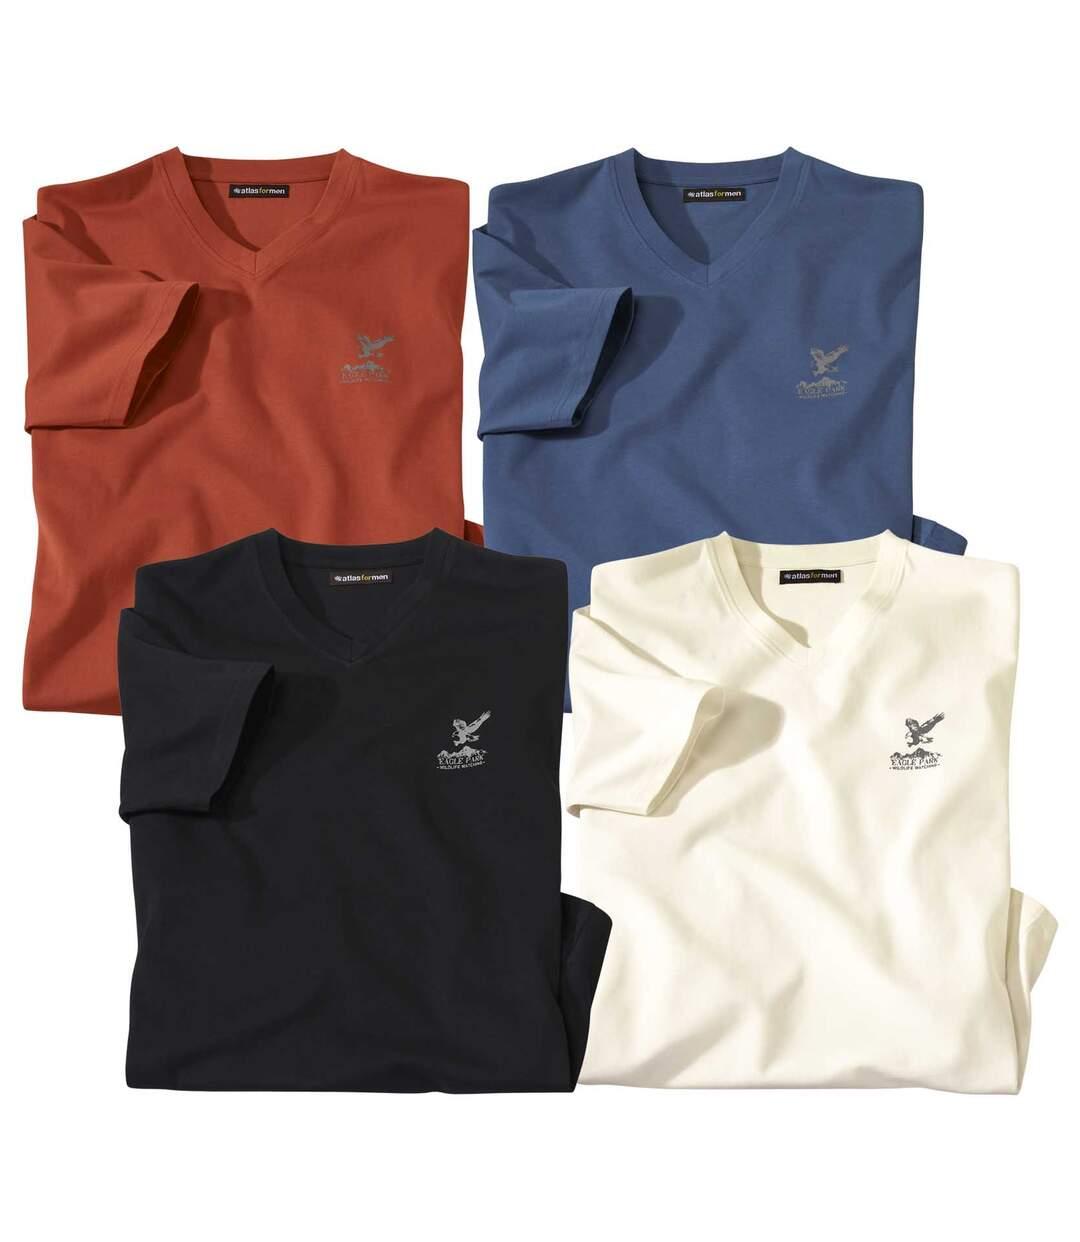 Pack of 4 Men's V-Neck T-Shirts - Brick Blue White Black Atlas For Men